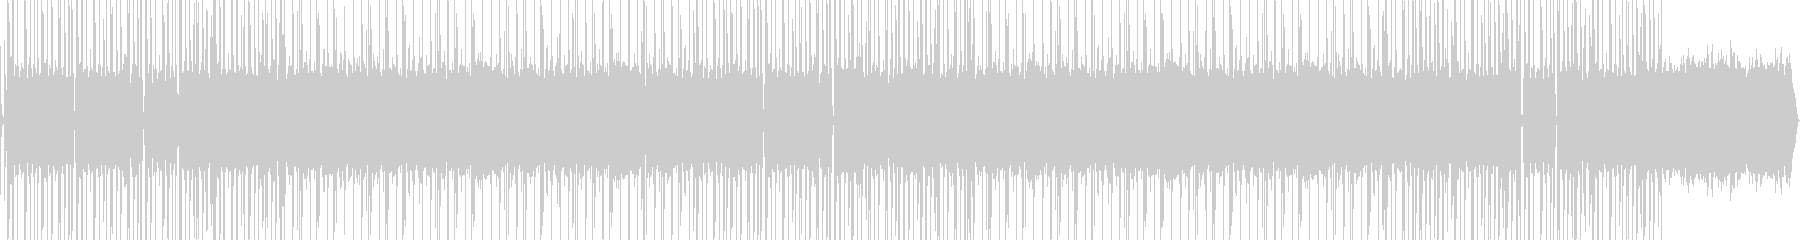 オールドスタイルのヒップホップビートの未再生の波形